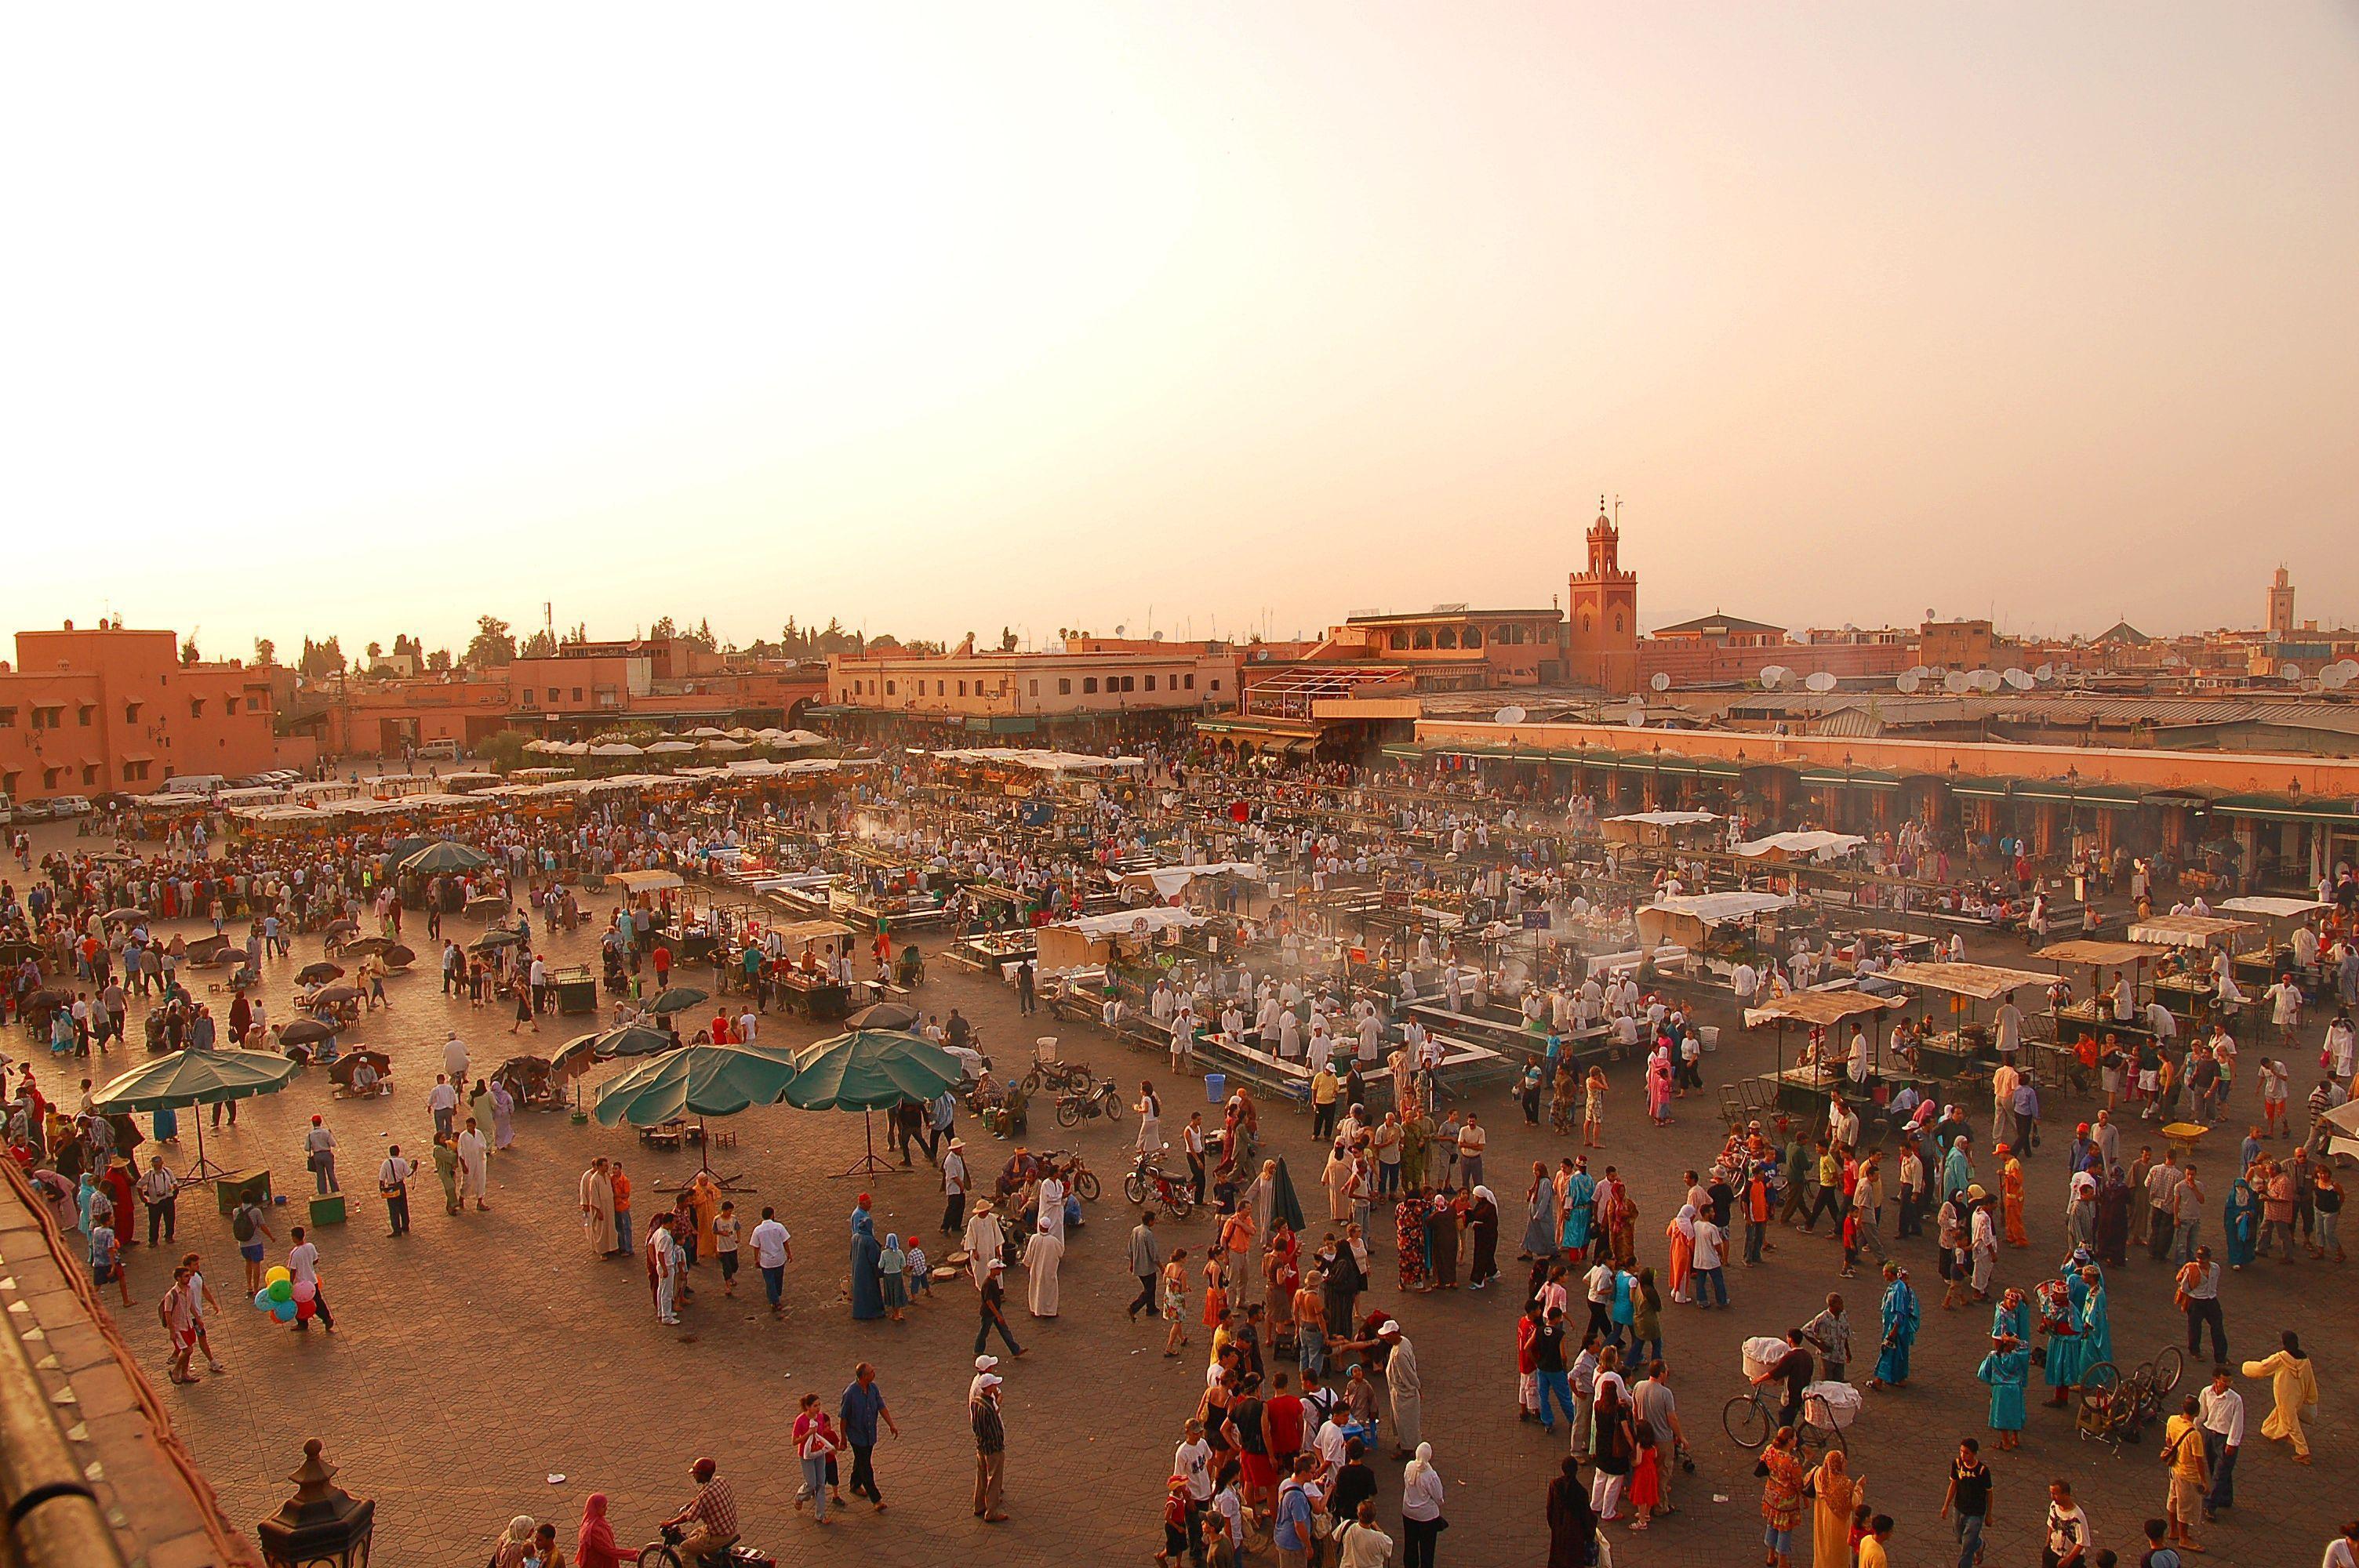 Marrakech Hd Background